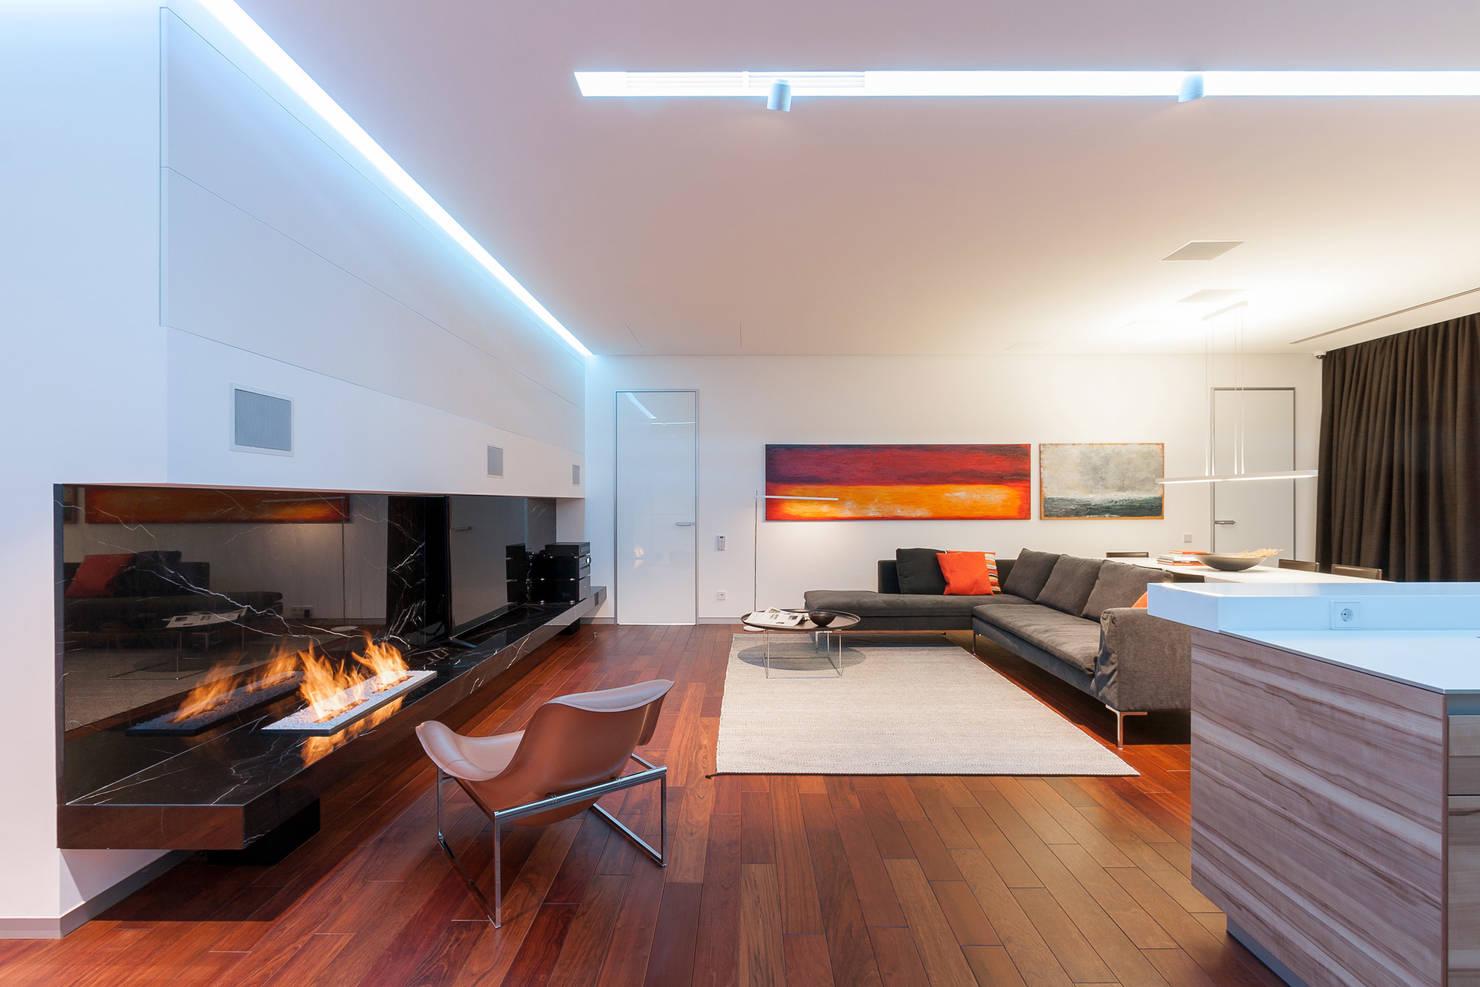 10 trucos infalibles para tener la casa limpia y ordenada